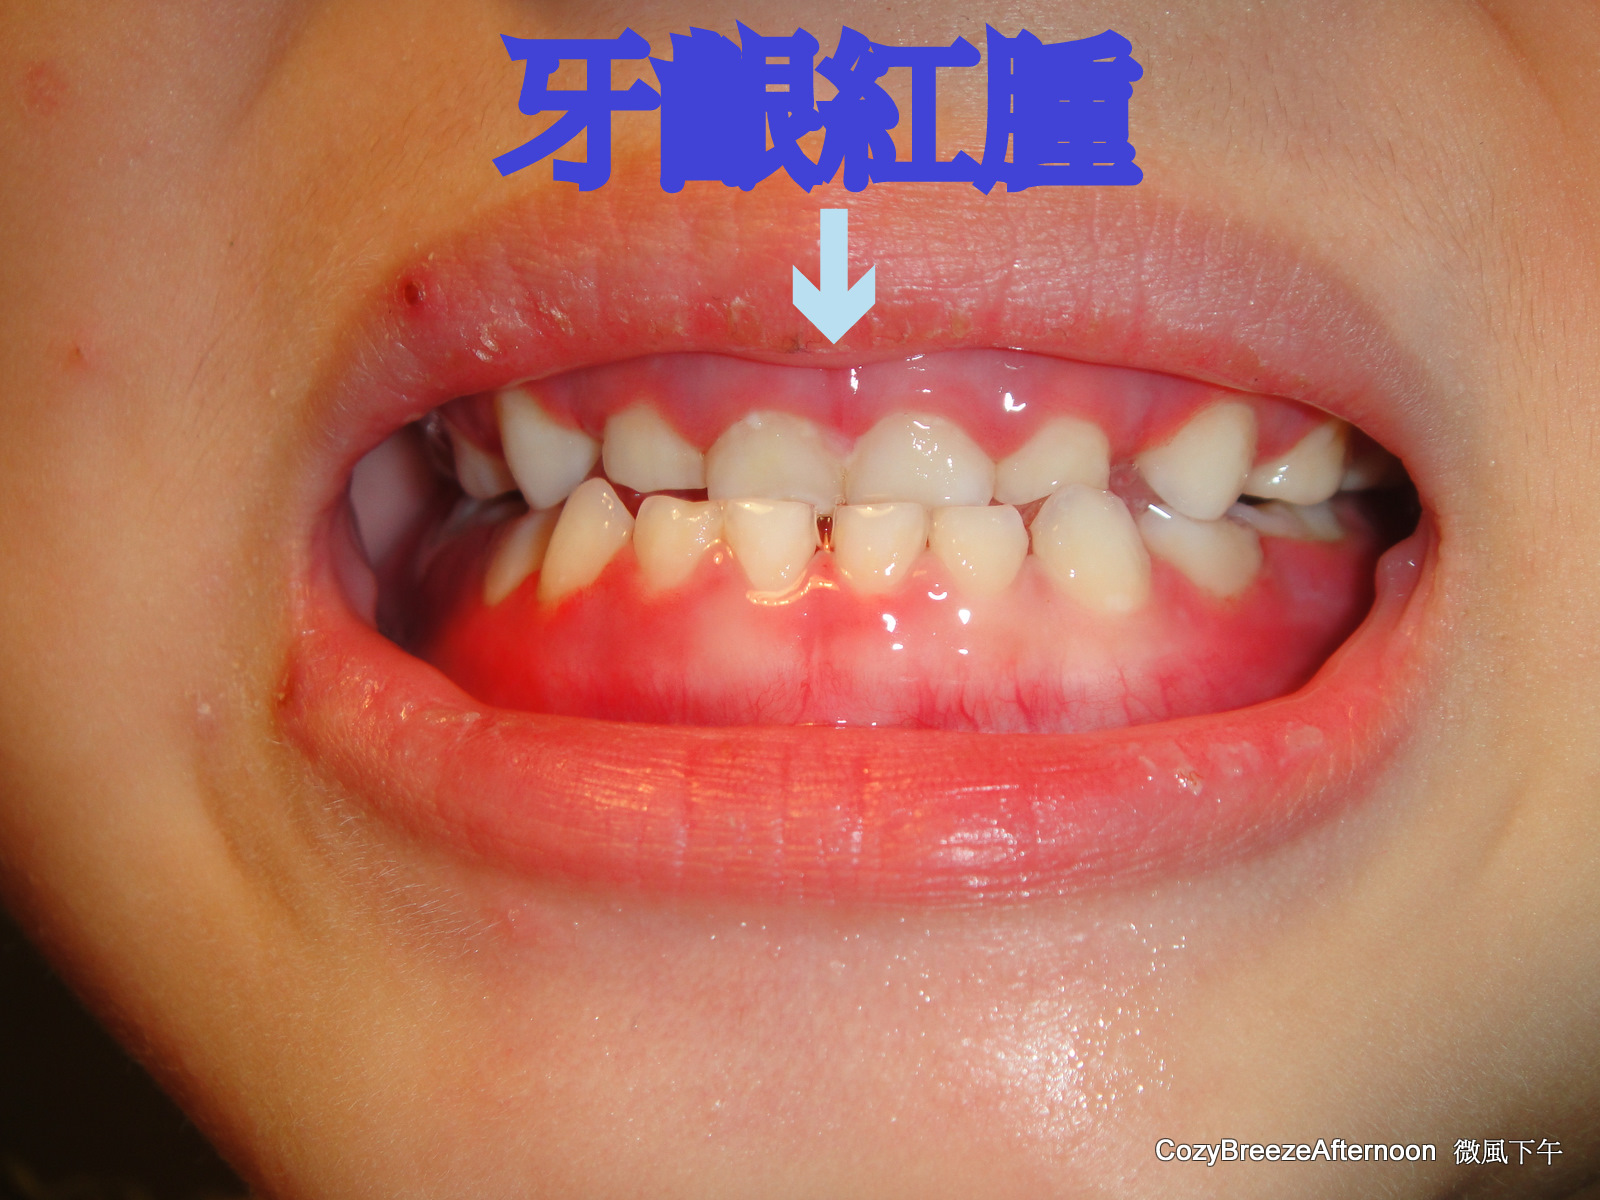 微風下午 : 急性皰疹性口腔牙齦炎